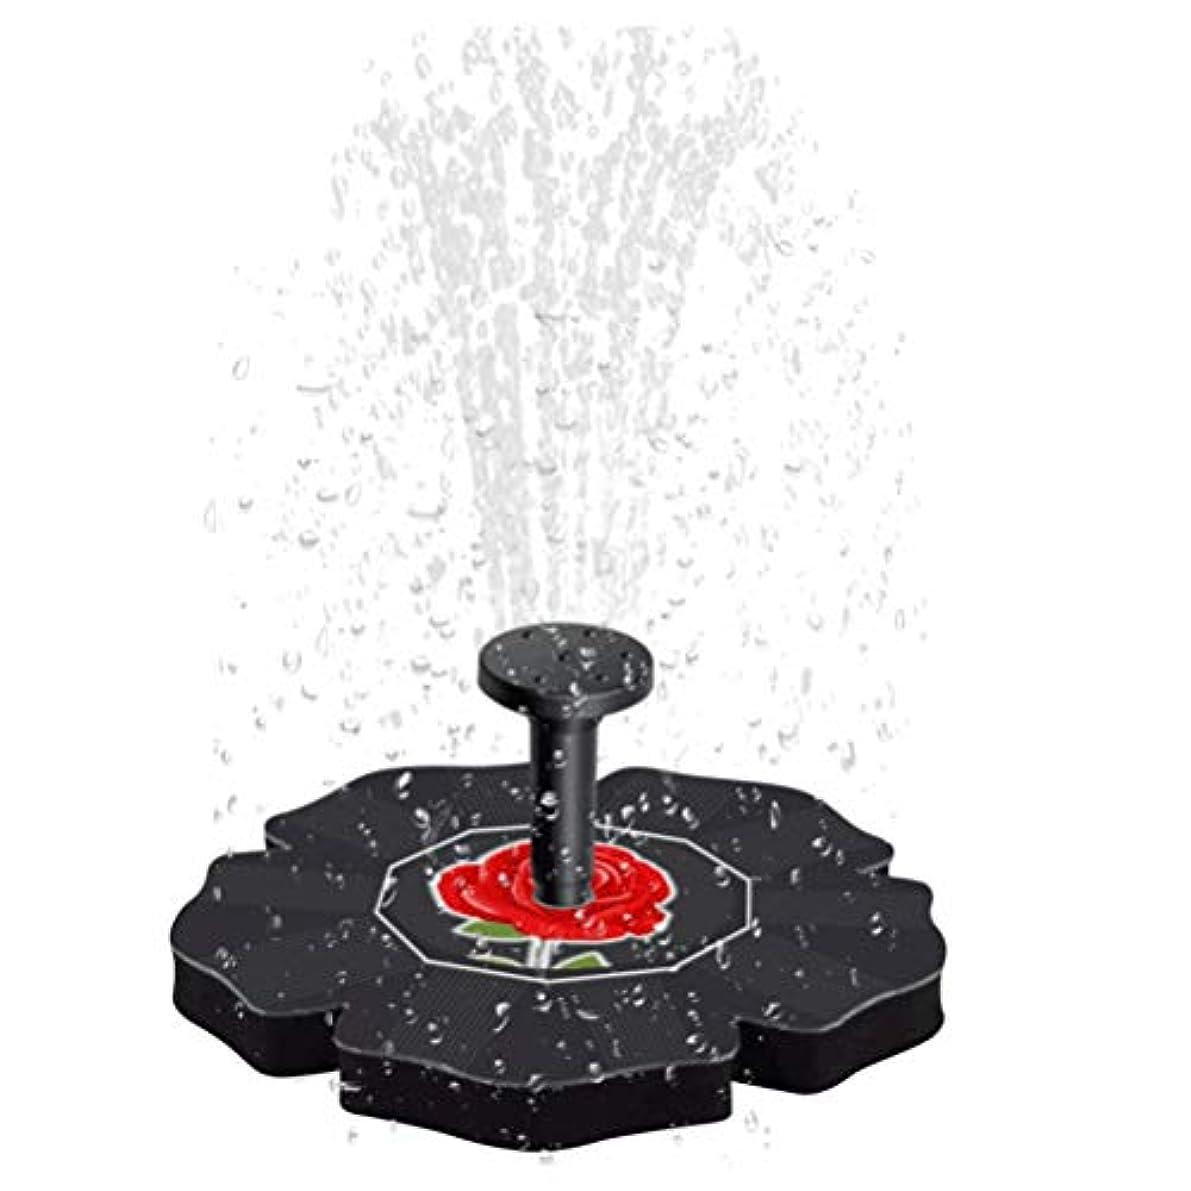 戦略放棄感謝VOSAREA 鳥風呂噴水水ポンプソーラーパワーポンプブラシレスフローティング漂流パネル用鳥風呂水槽水槽水族館庭の芝生